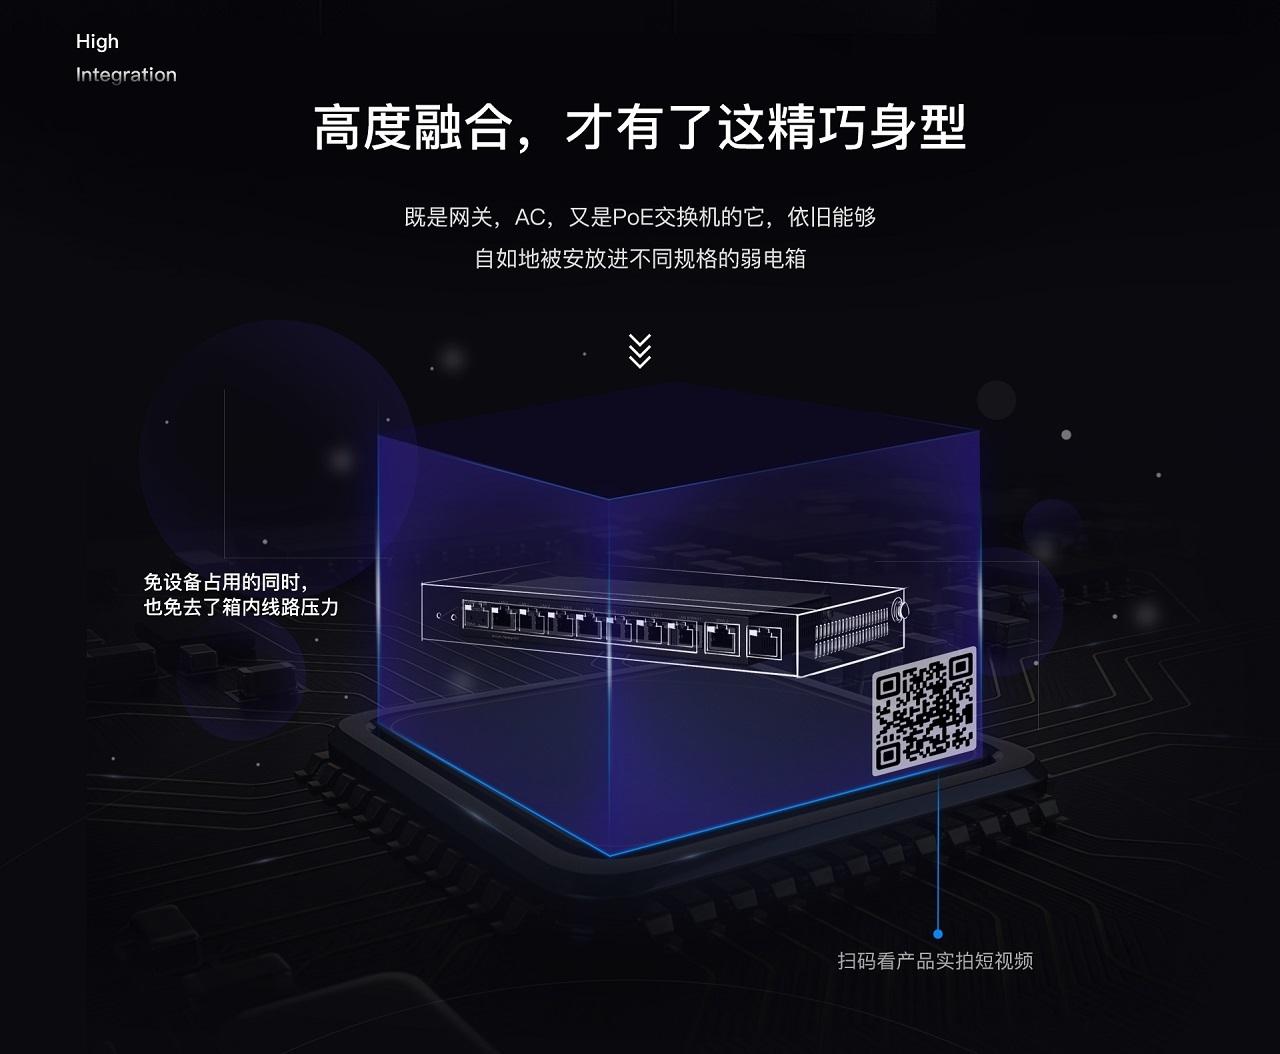 锐捷RG-EG210G-P易网络POE网关2